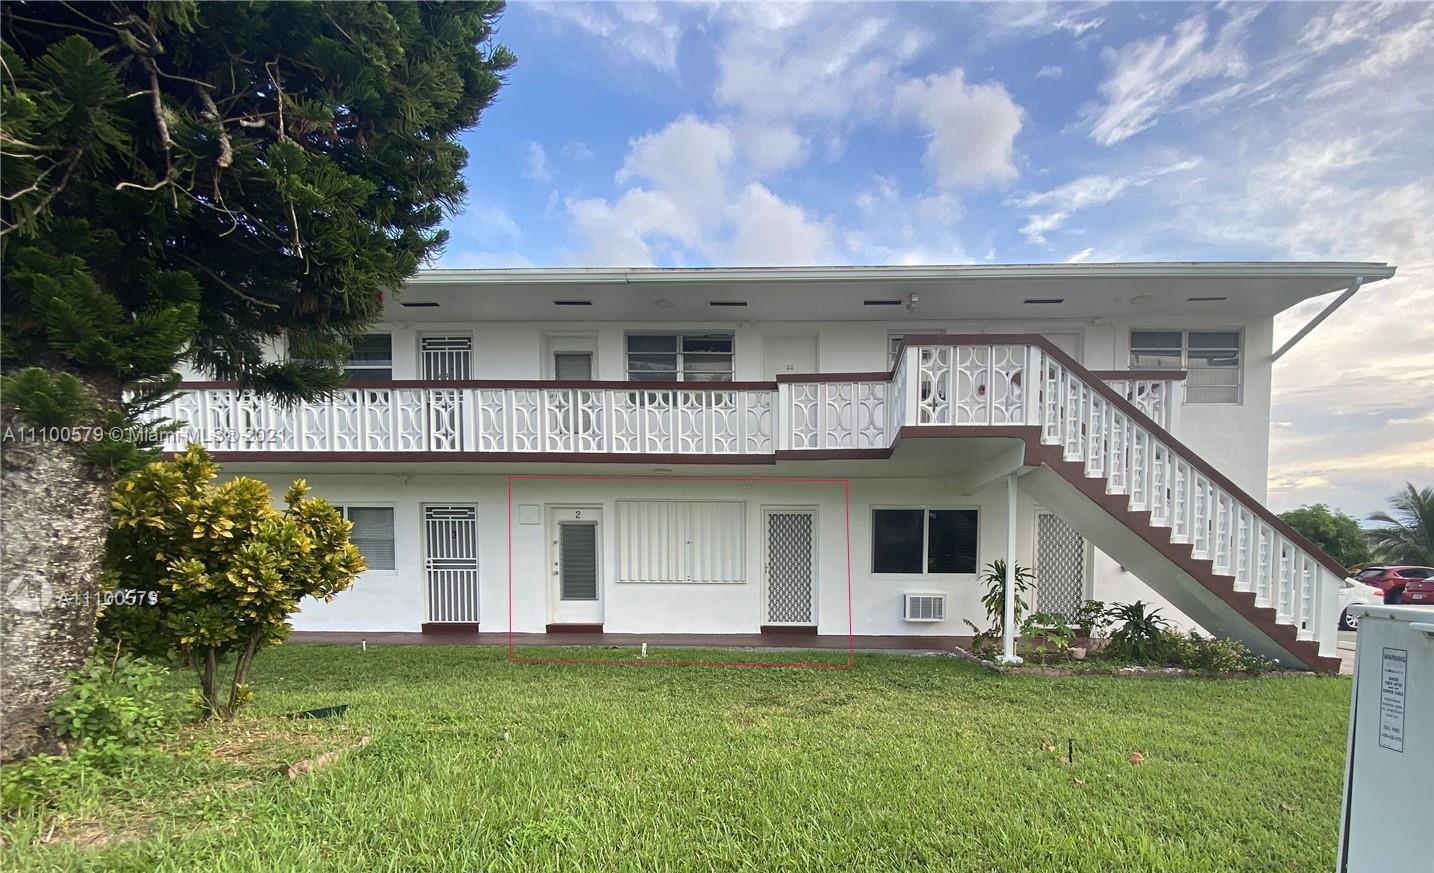 122 204th St Unit 2, Miami Gardens, Florida 33179